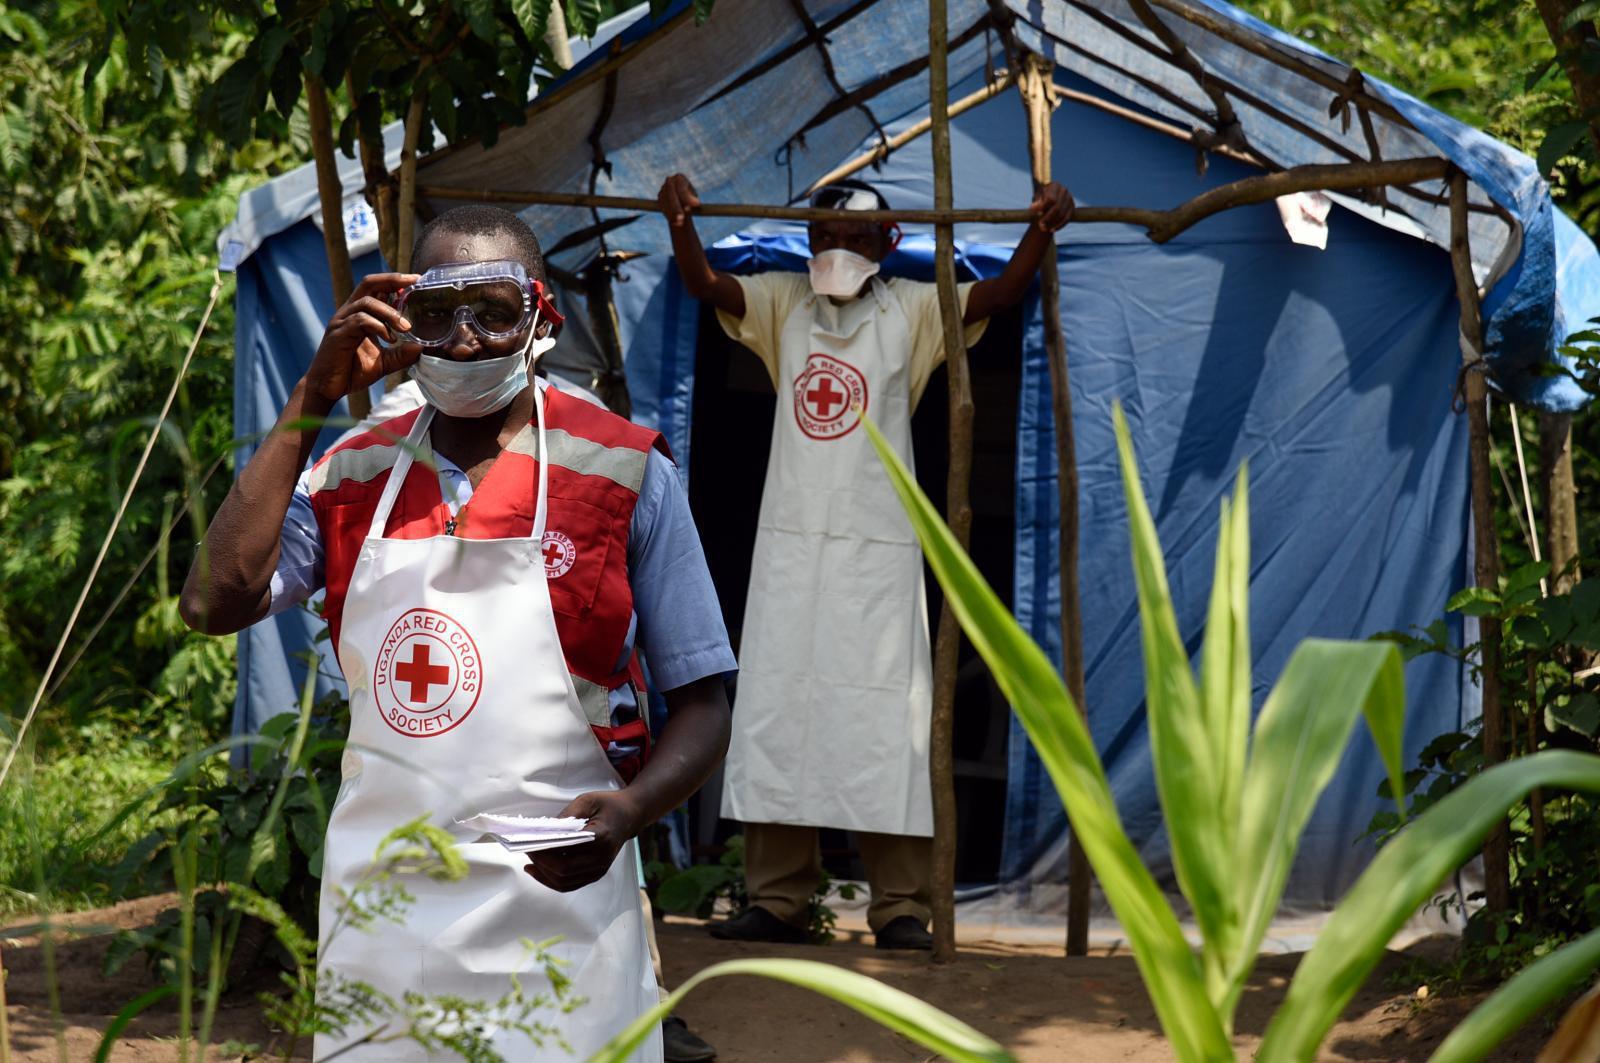 องค์การอนามัยโลกประกาศอีโบลาเป็นภาวะฉุกเฉินระหว่างประเทศ